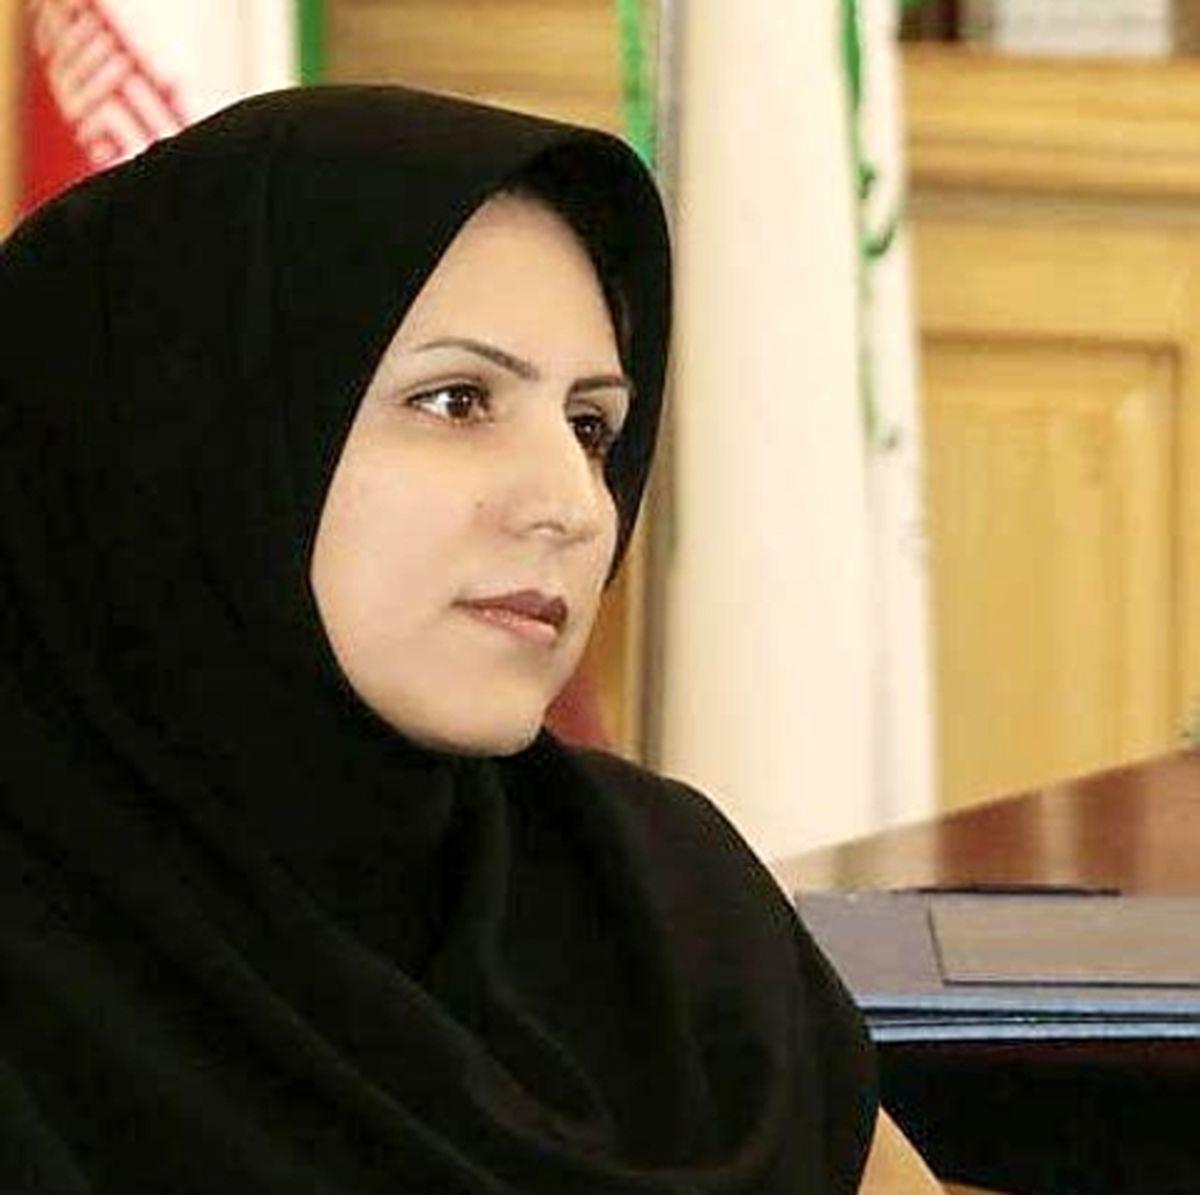 نیم قرن حفاظت از زیست بوم های ایران؛ شعار هفته محیط زیست 1400